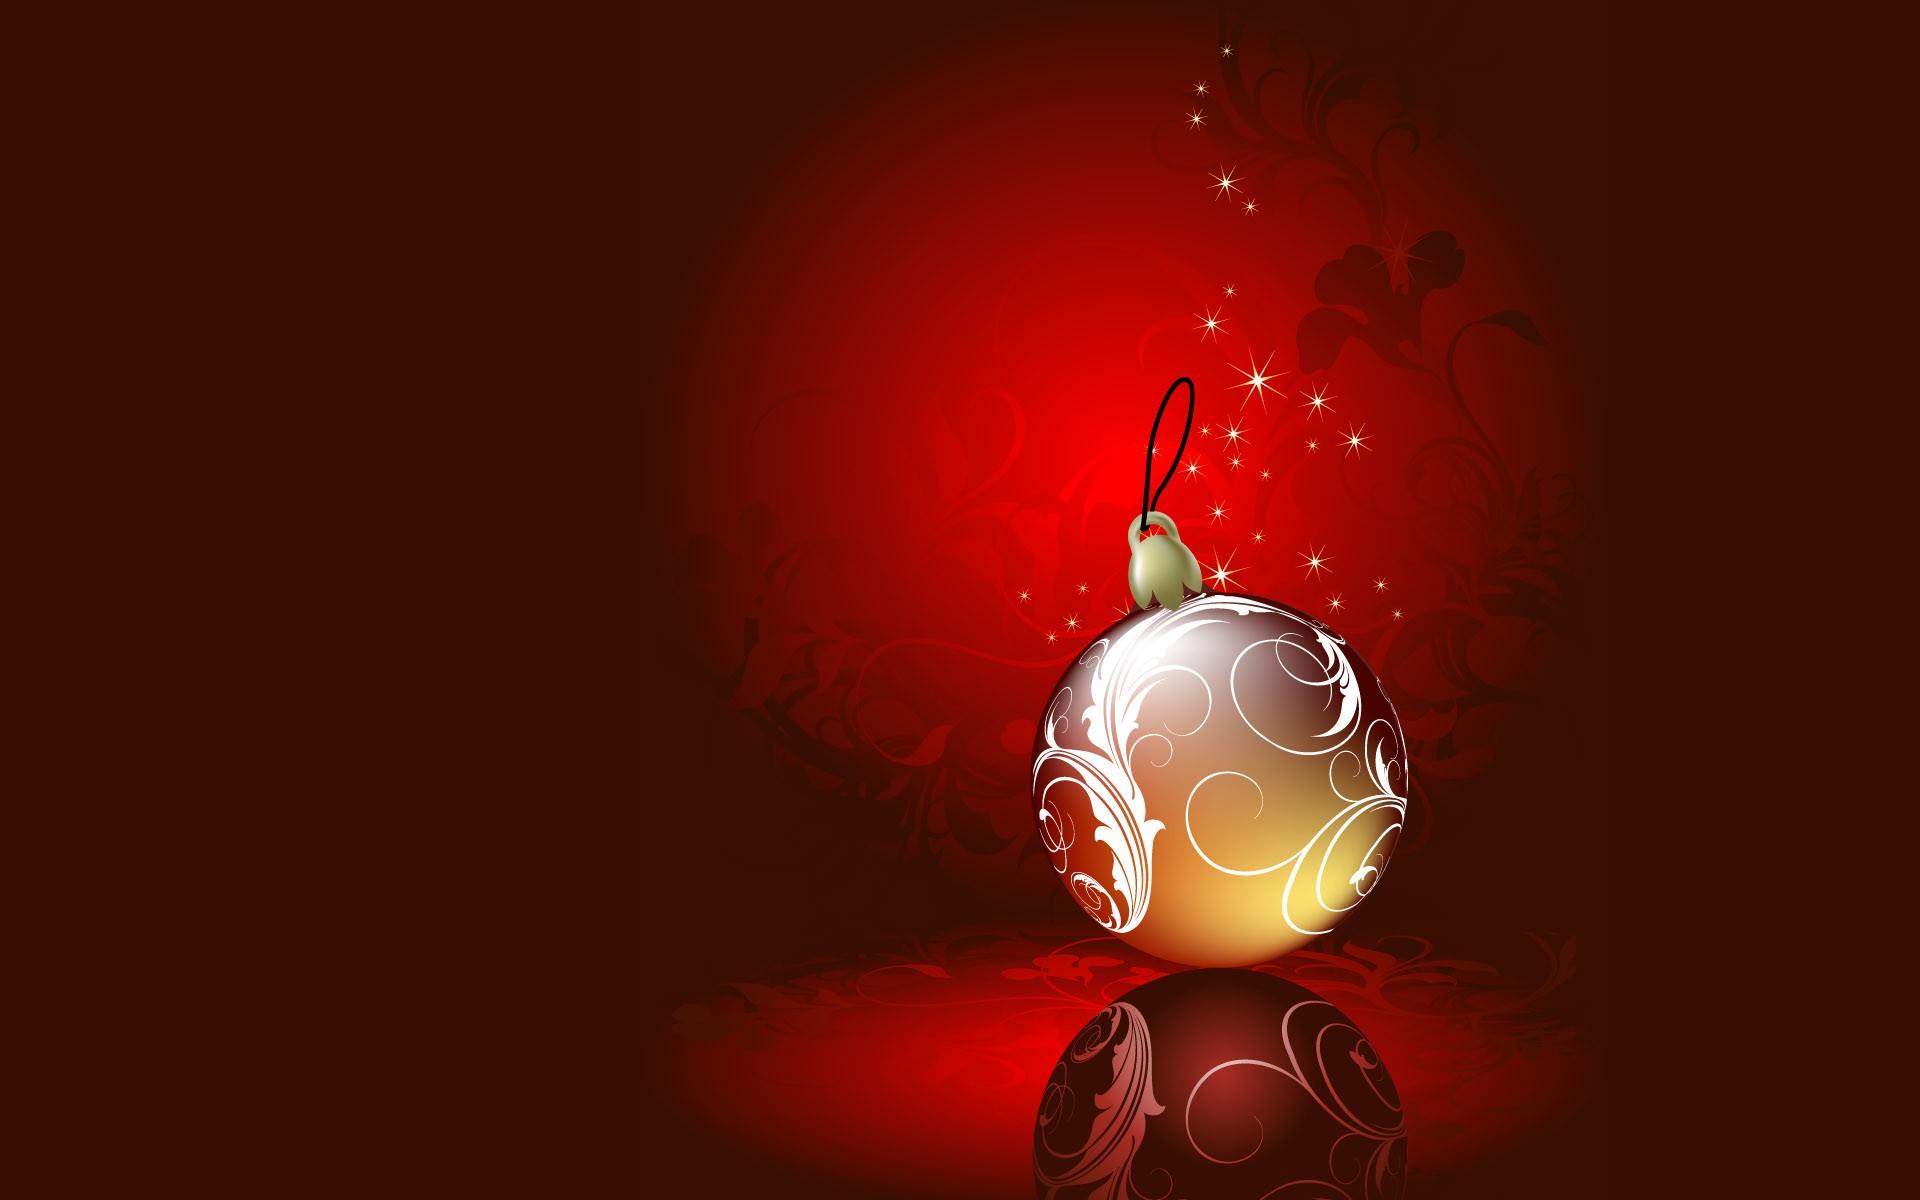 Fondos de pantalla hd de navidad taringa for Sfondi natale 3d